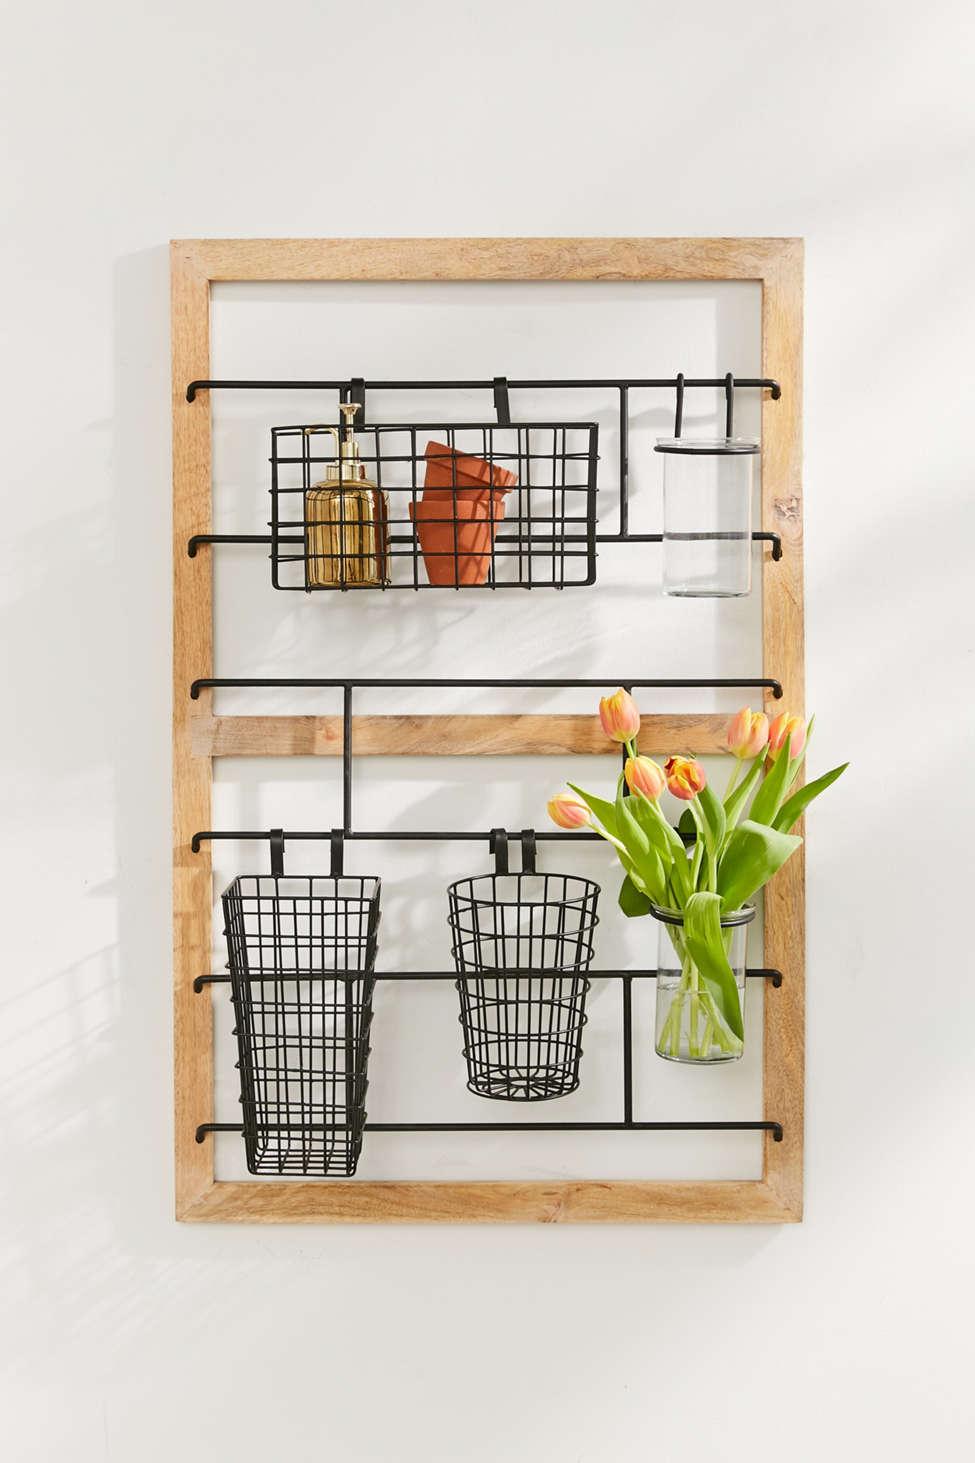 Slide View: 1: Wooden Storage Frame